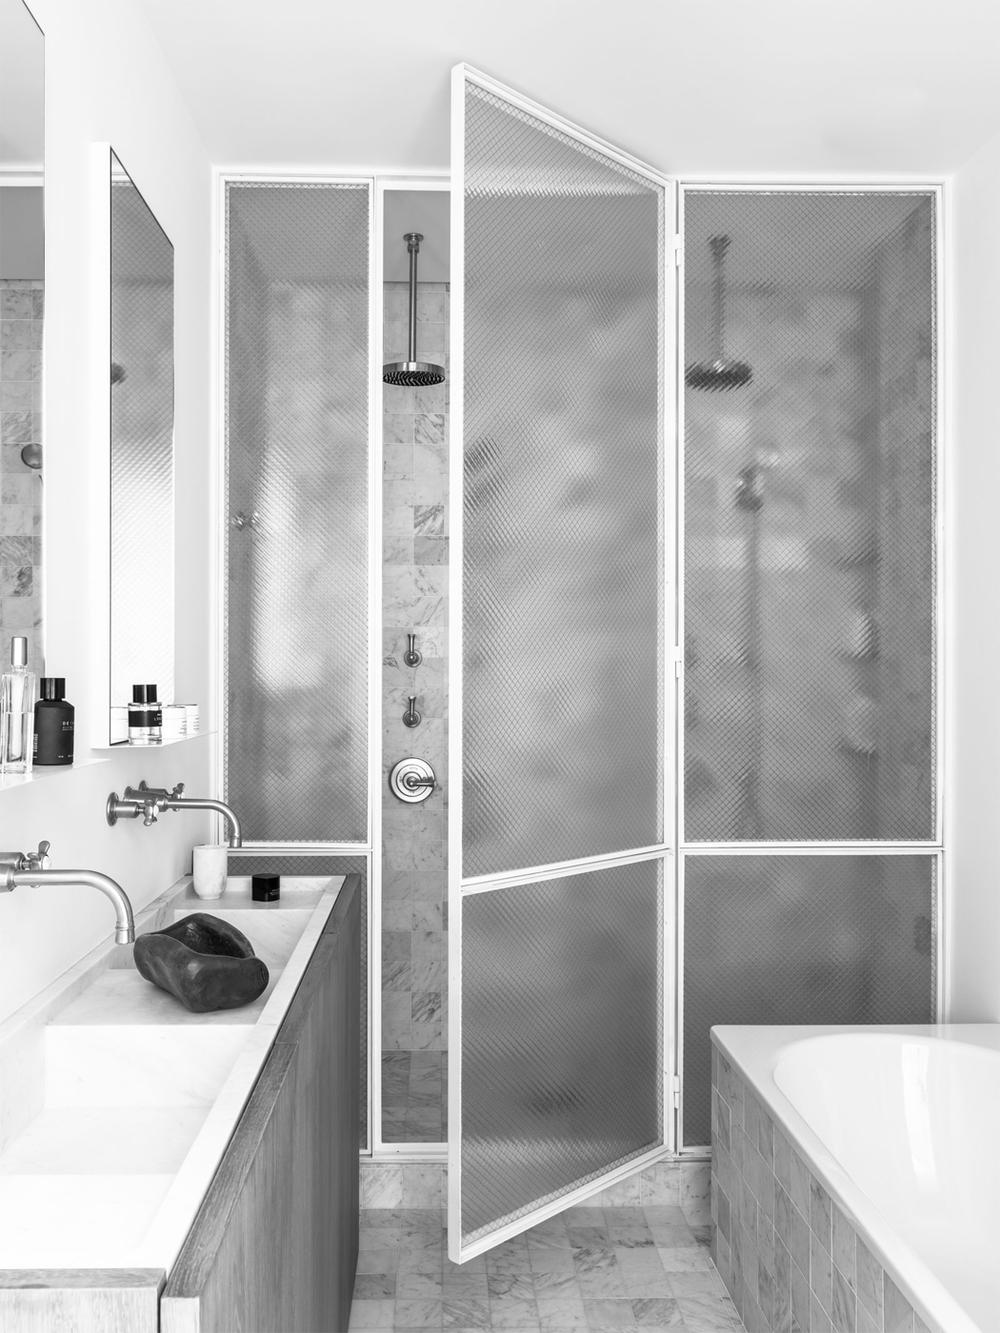 jr-apartement-by-Nicolas-Schuybroek-2.png